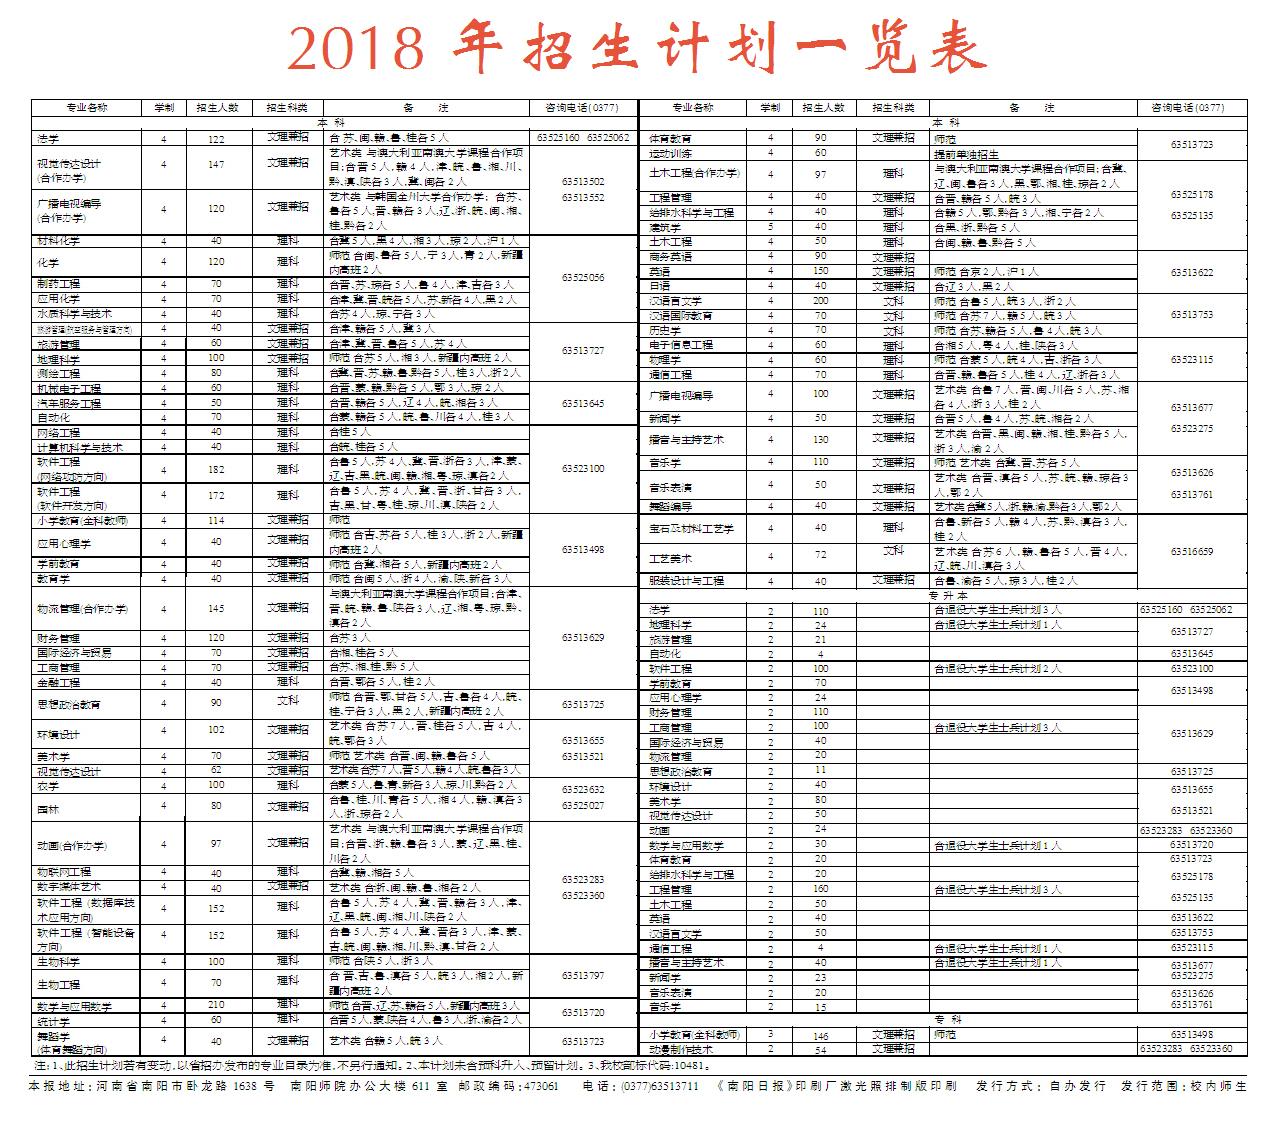 2018年招生计划一览表-南阳师范学院校报电子版